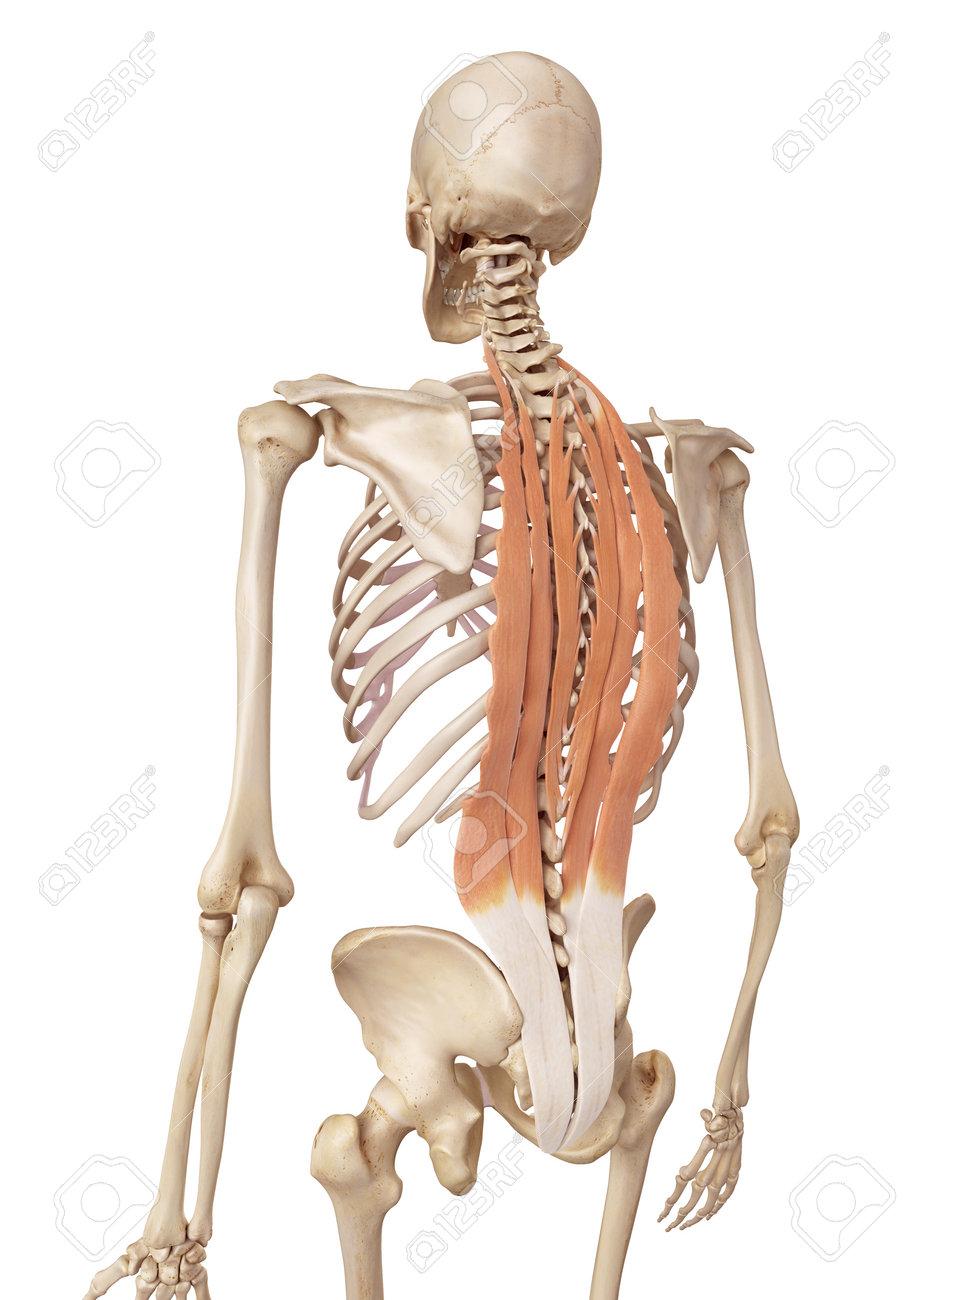 Großartig Bild Der Menschlichen Rückenmuskulatur Galerie - Anatomie ...